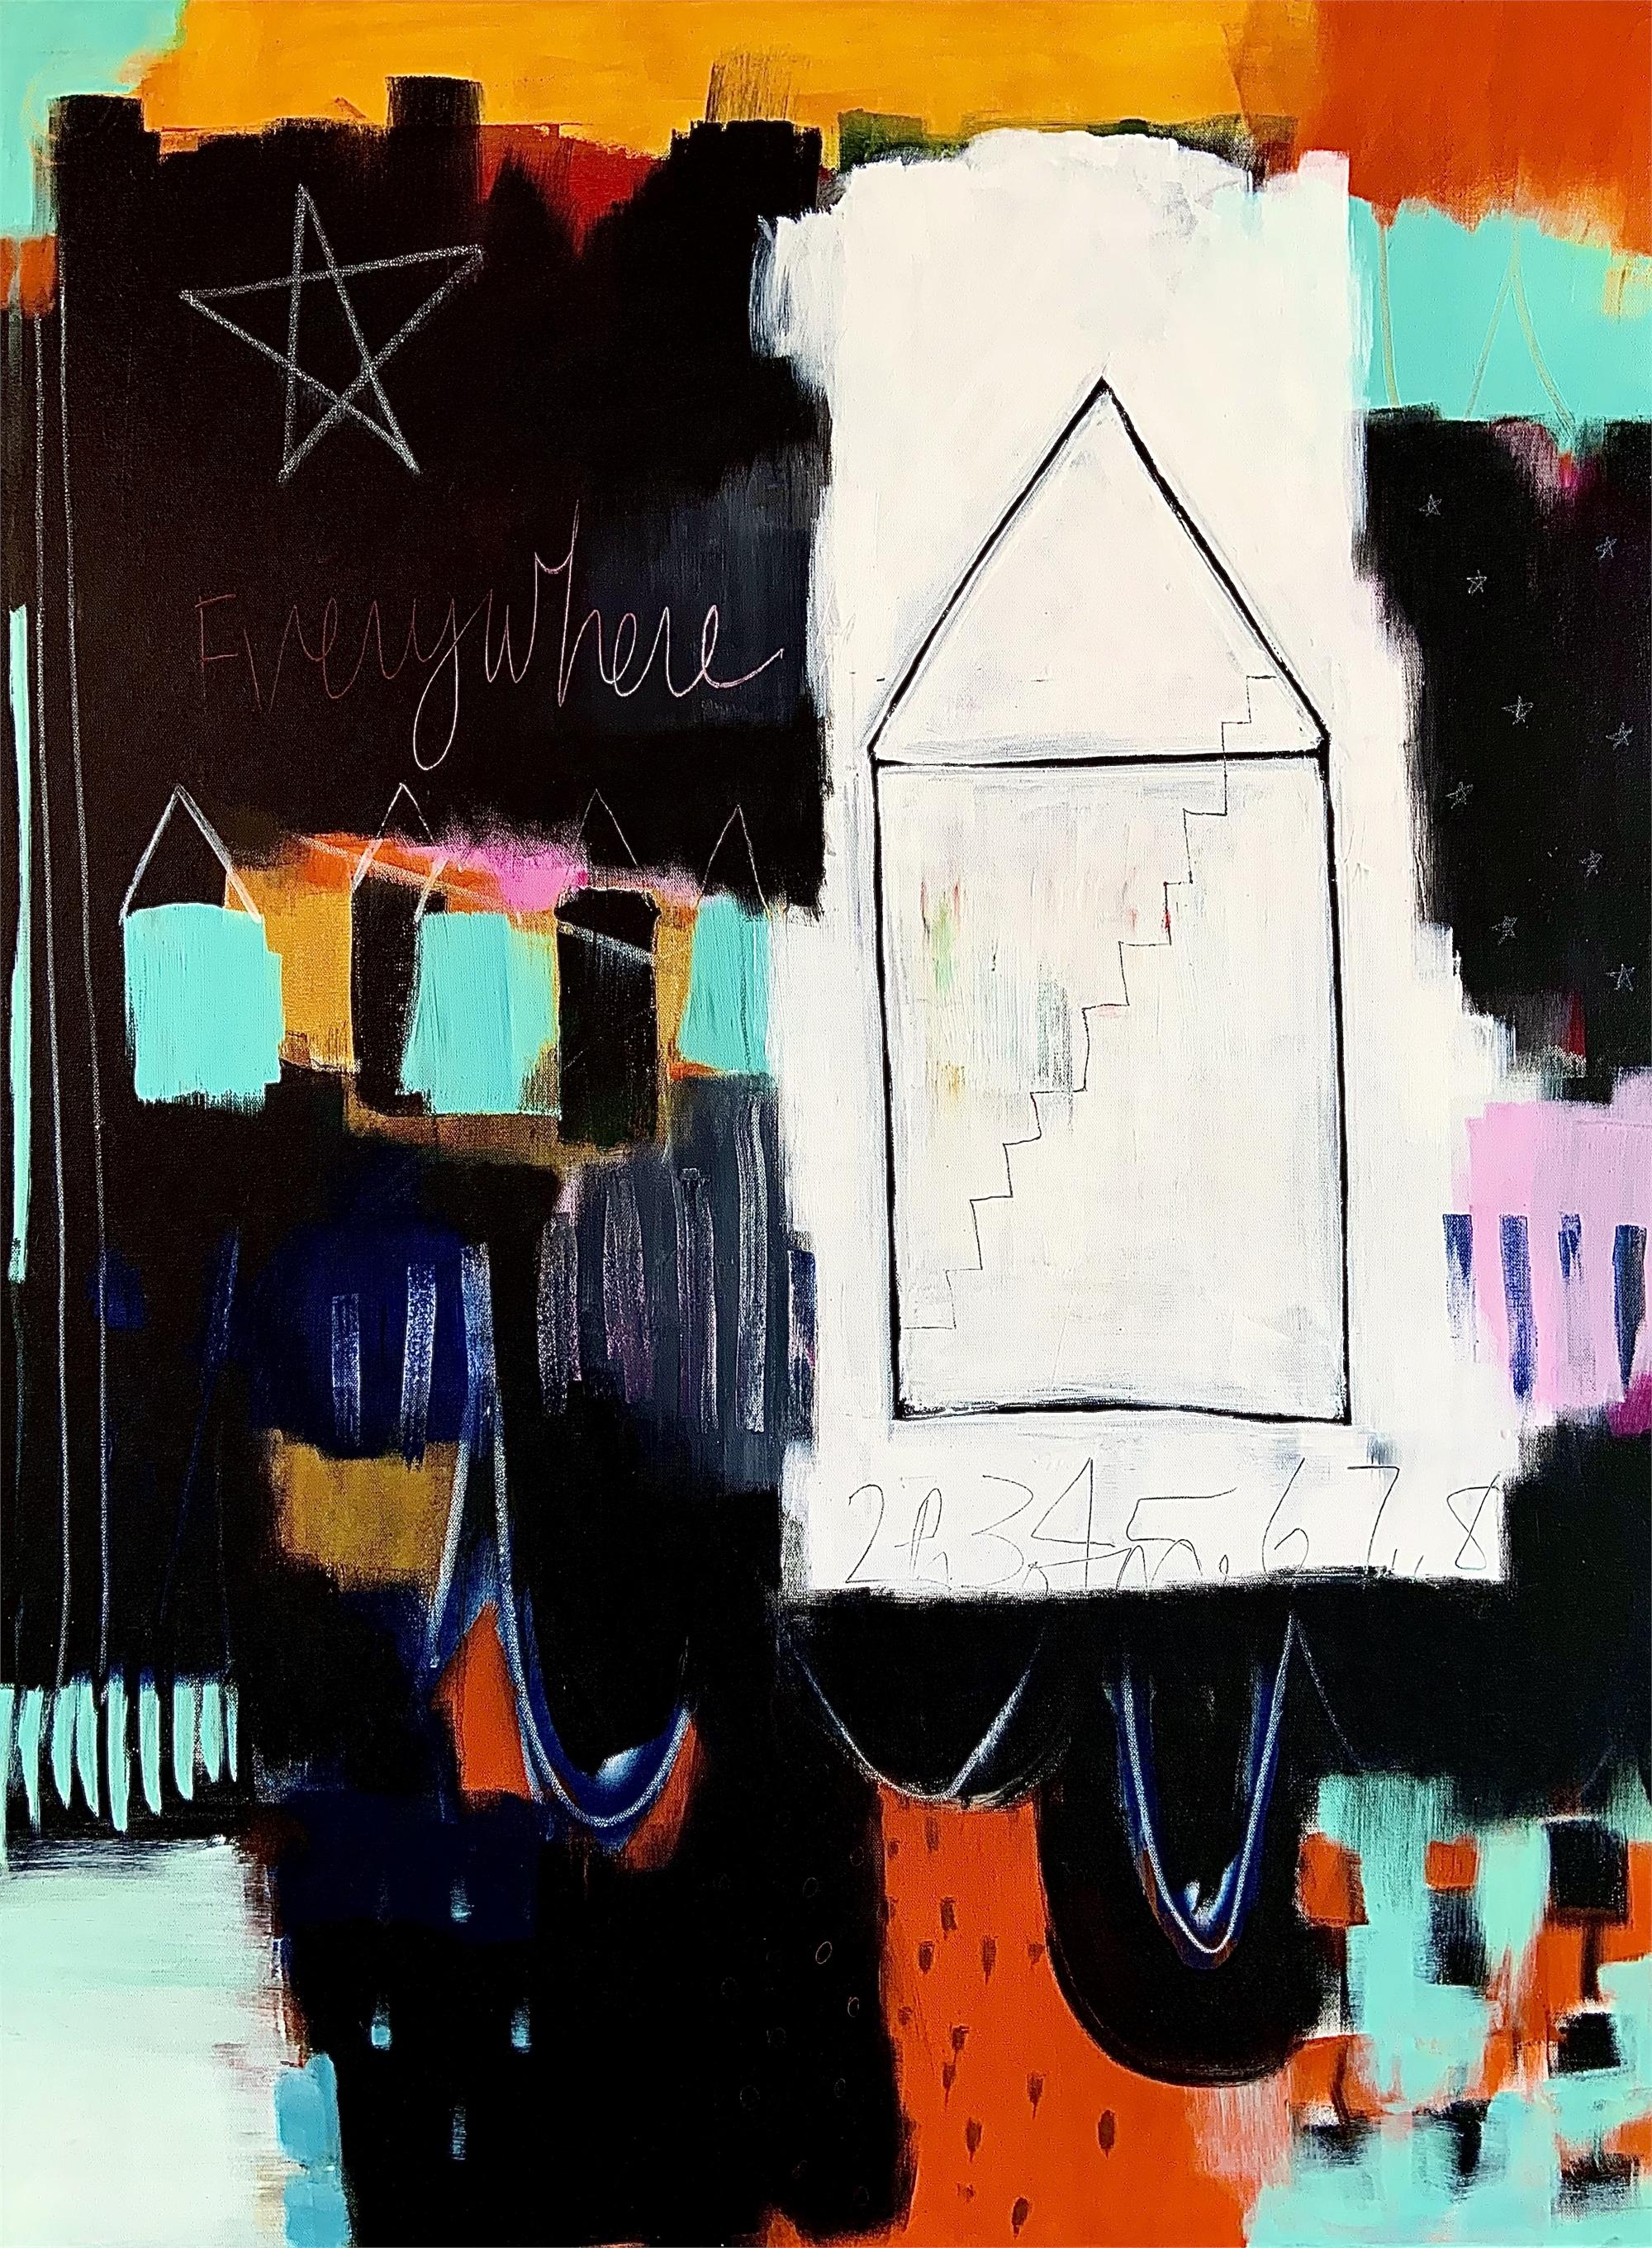 Everywhere by Leslie Gaworecki